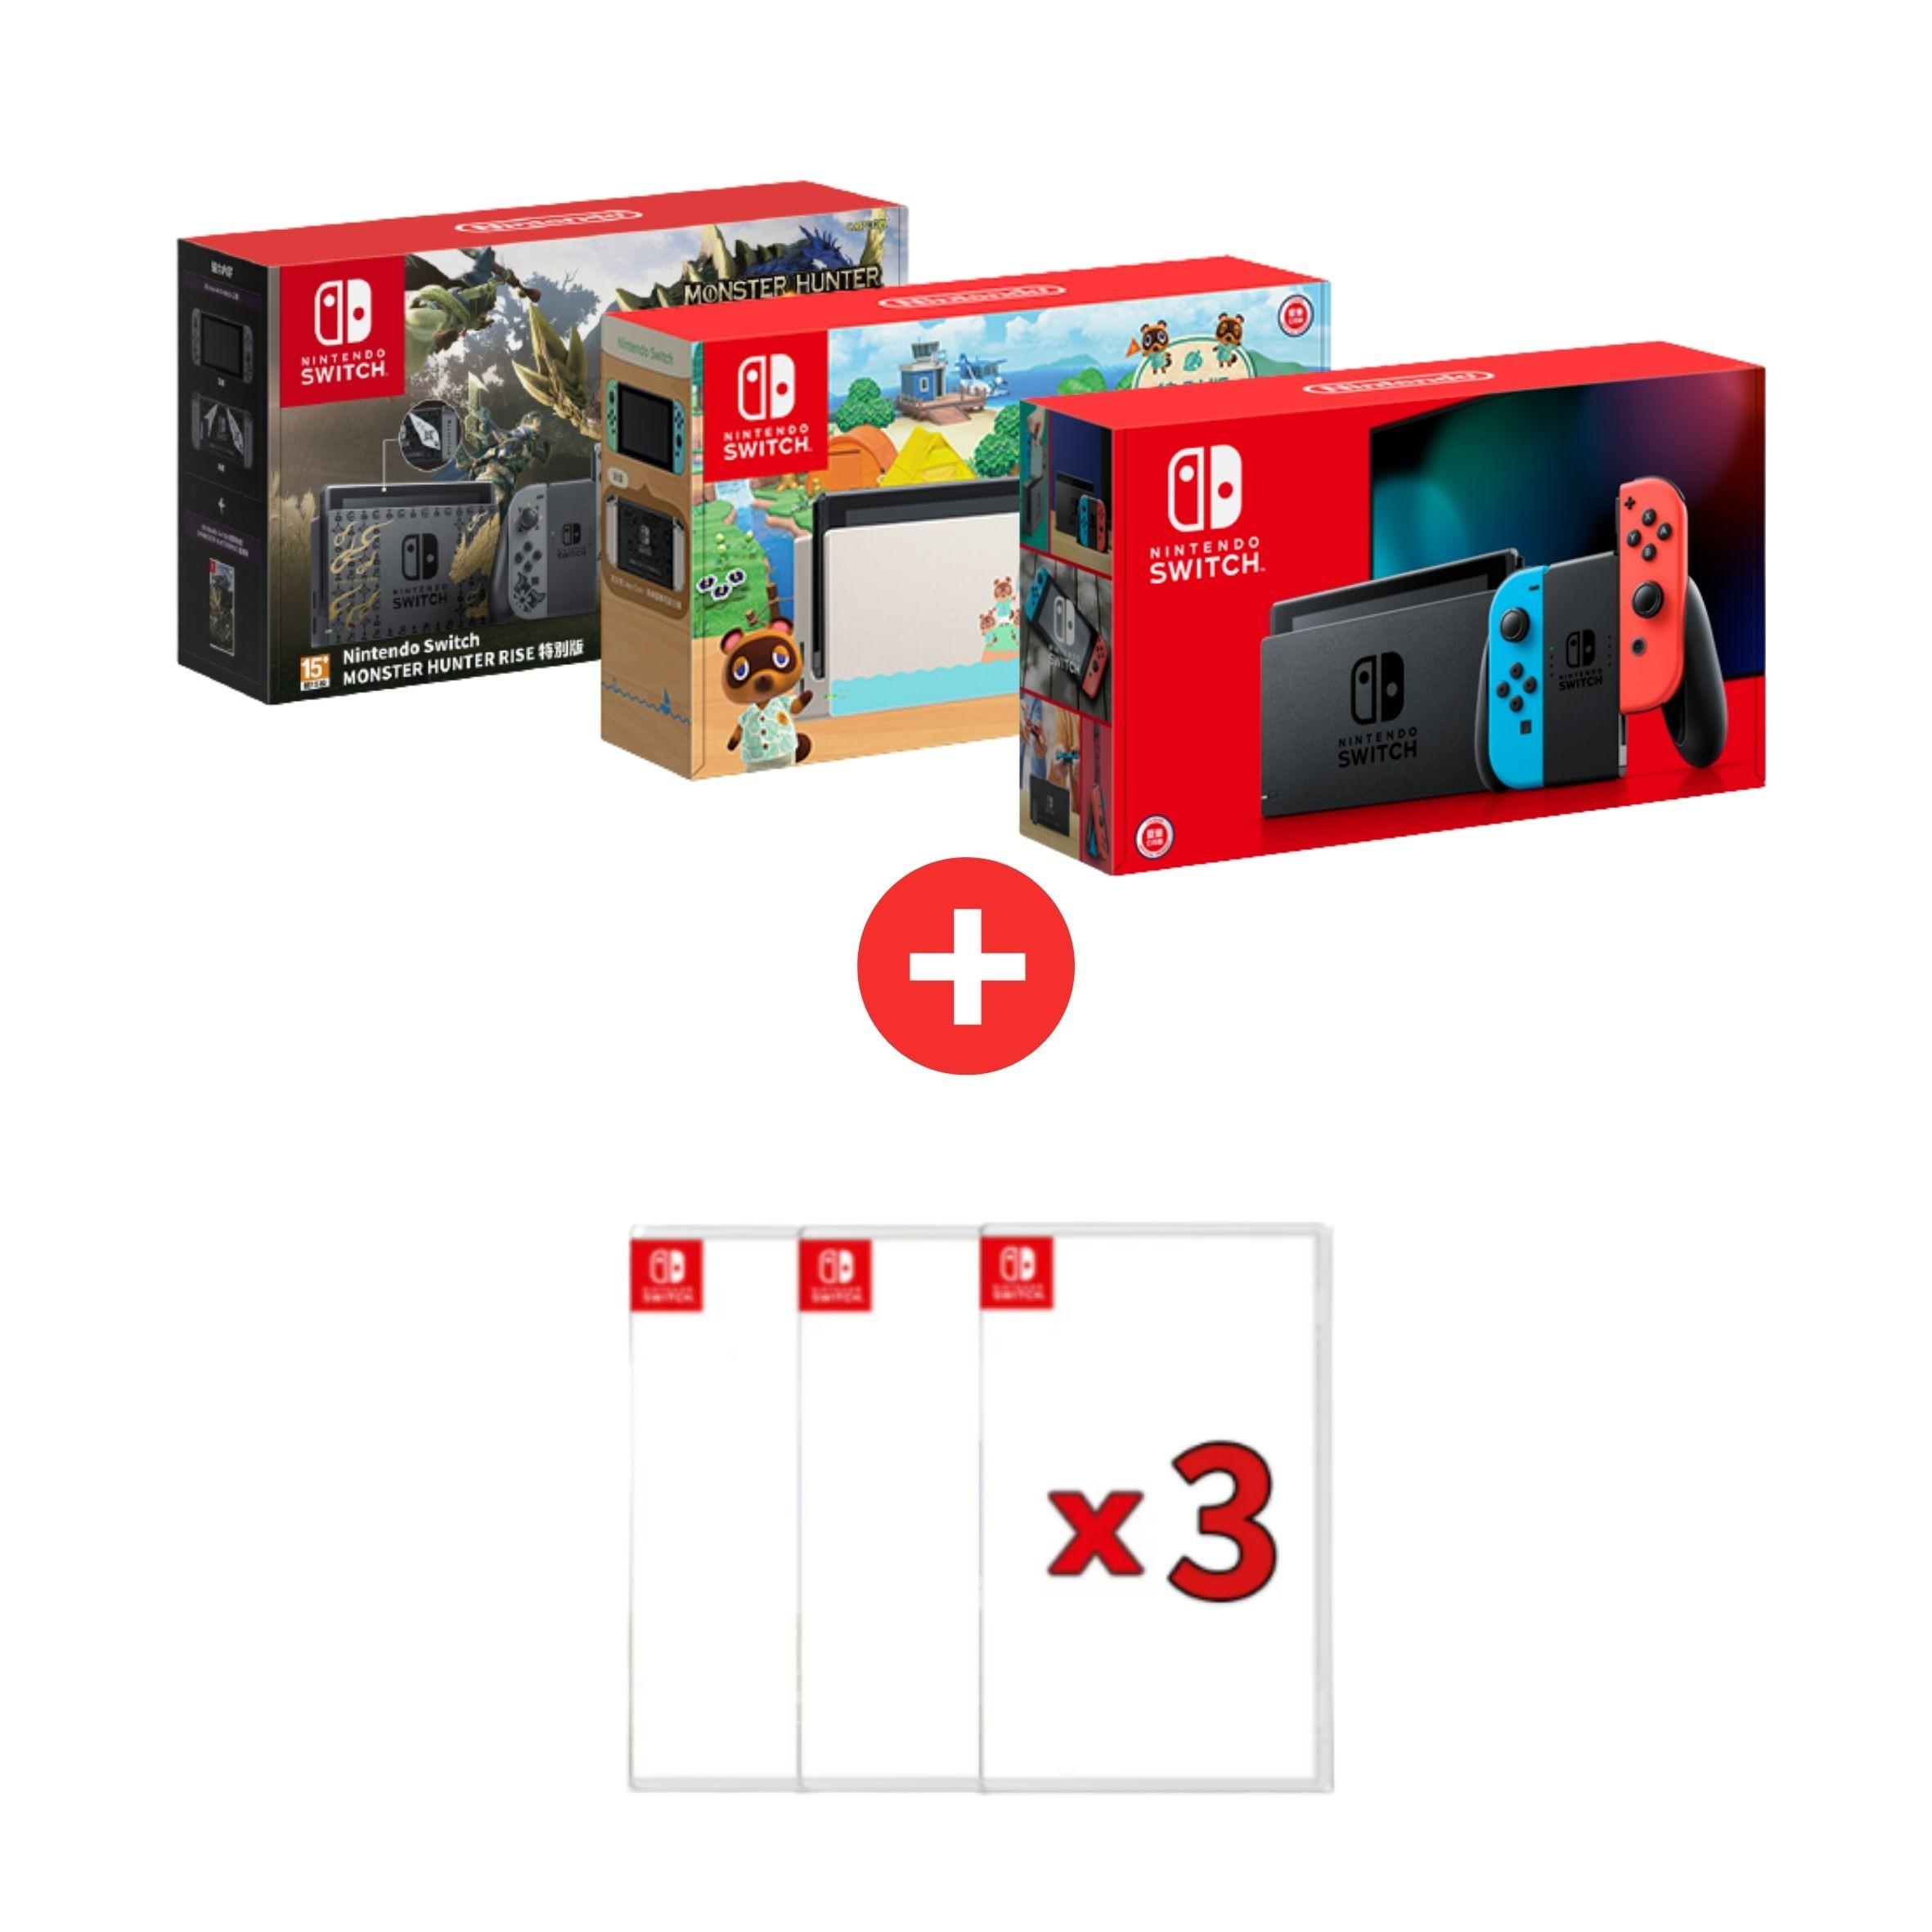 switch + 三片遊戲 無卡分期